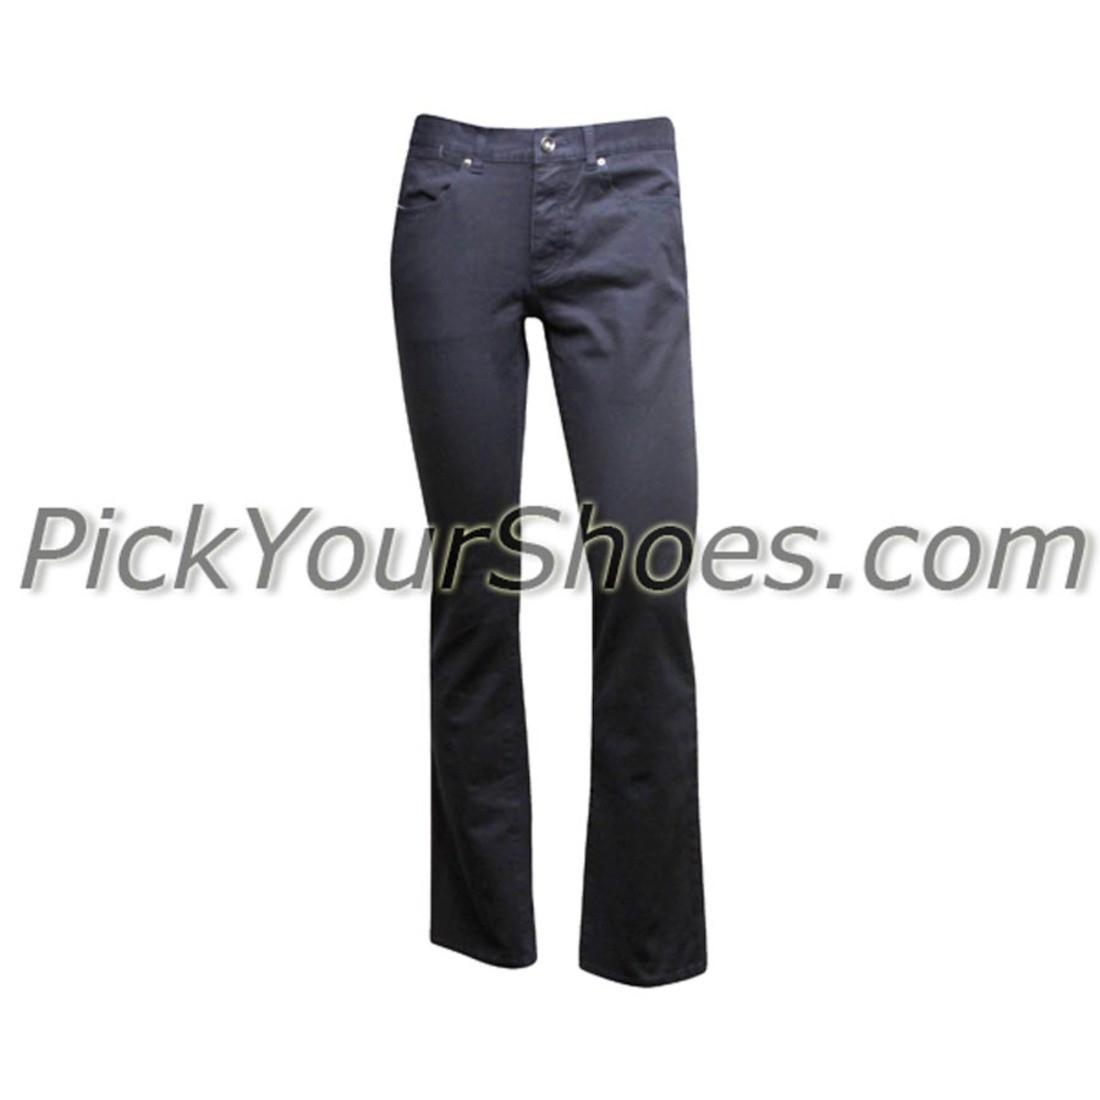 紺 ネイビー 【 NAVY KR3W KSLIM TWILL JEAN 】 メンズファッション ズボン パンツ